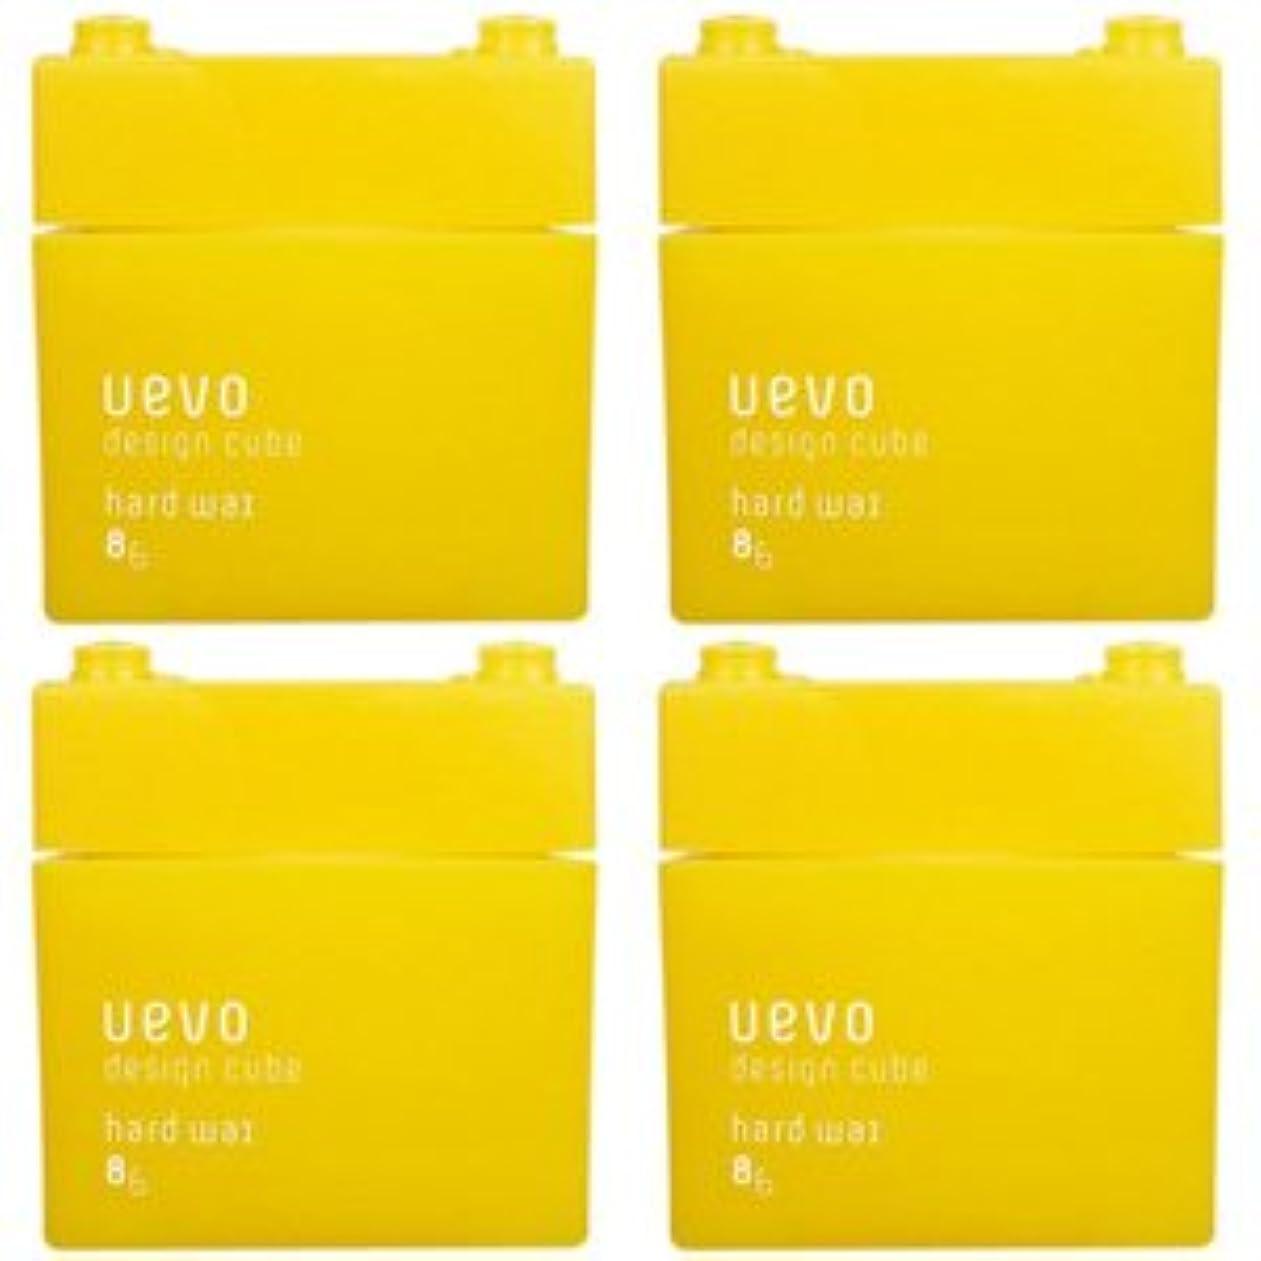 カッター化学監督する【X4個セット】 デミ ウェーボ デザインキューブ ハードワックス 80g hard wax DEMI uevo design cube